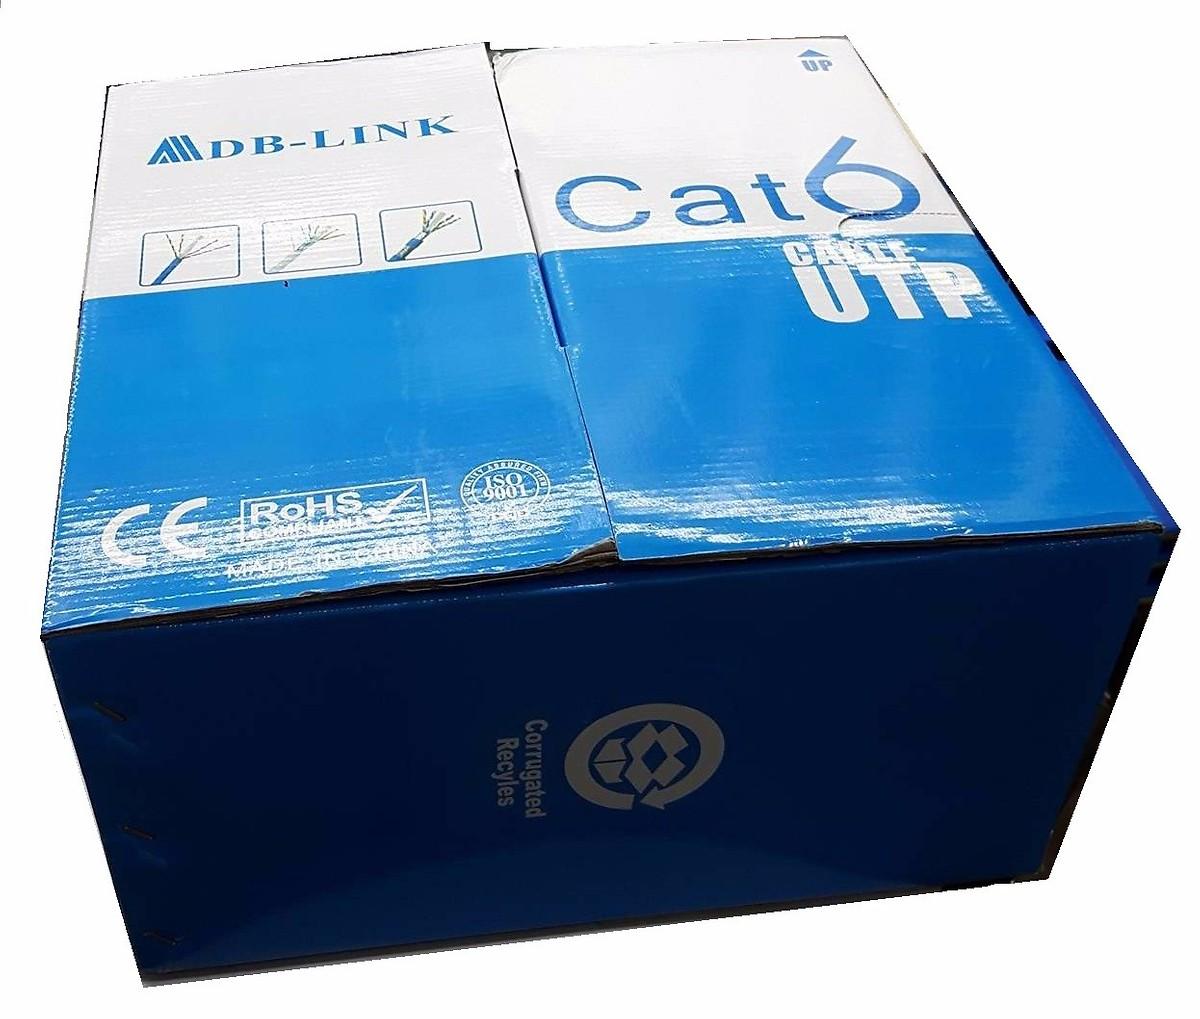 Cuộn Dây mạng Cat 6e ADB-Link màu xanh 305 mét - Hàng Chính Hãng